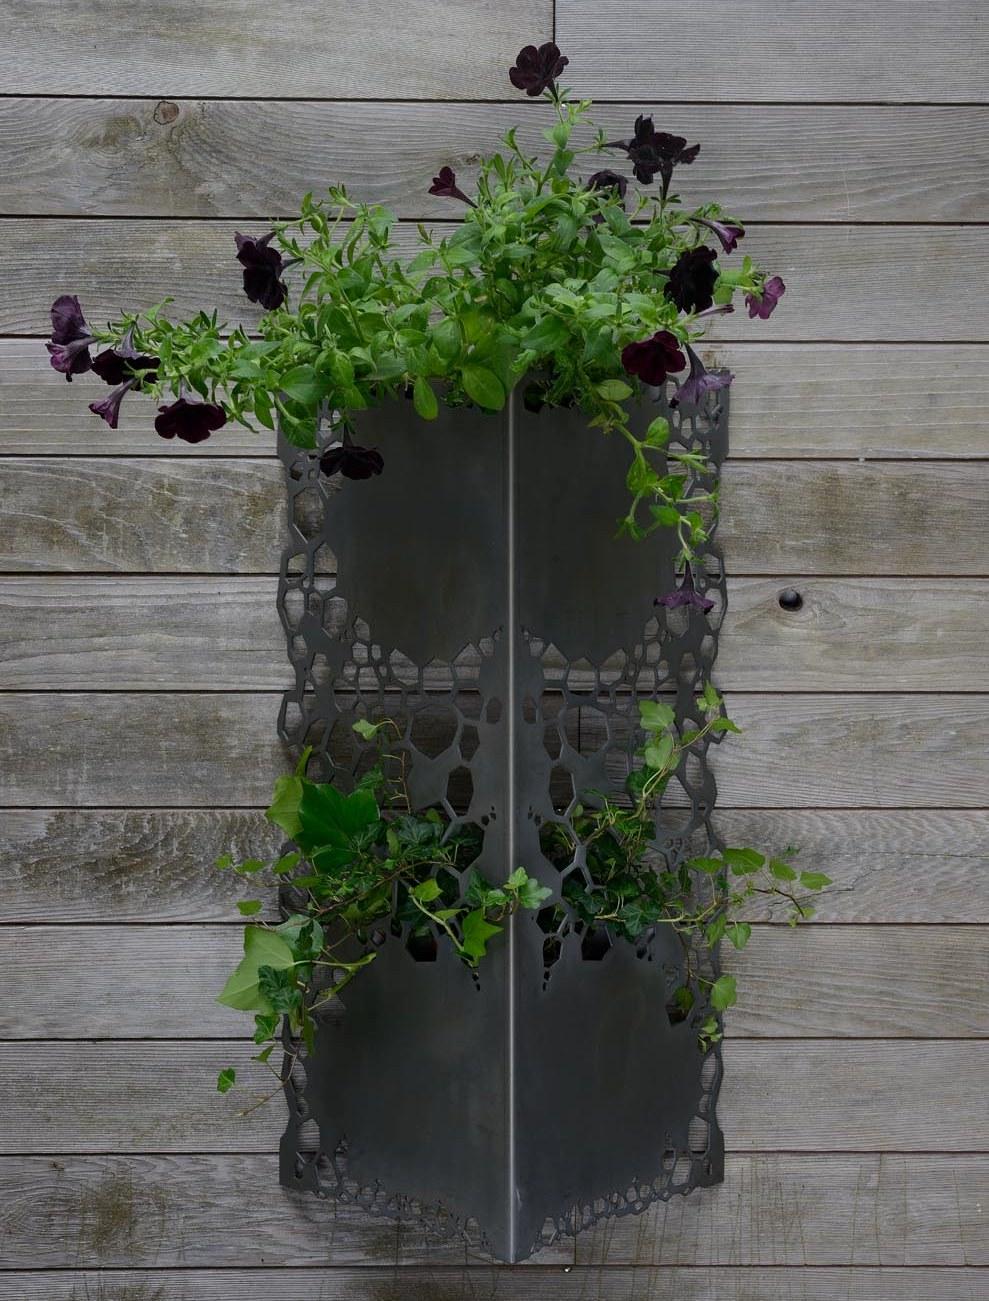 jardin suspendu blossomup. Black Bedroom Furniture Sets. Home Design Ideas